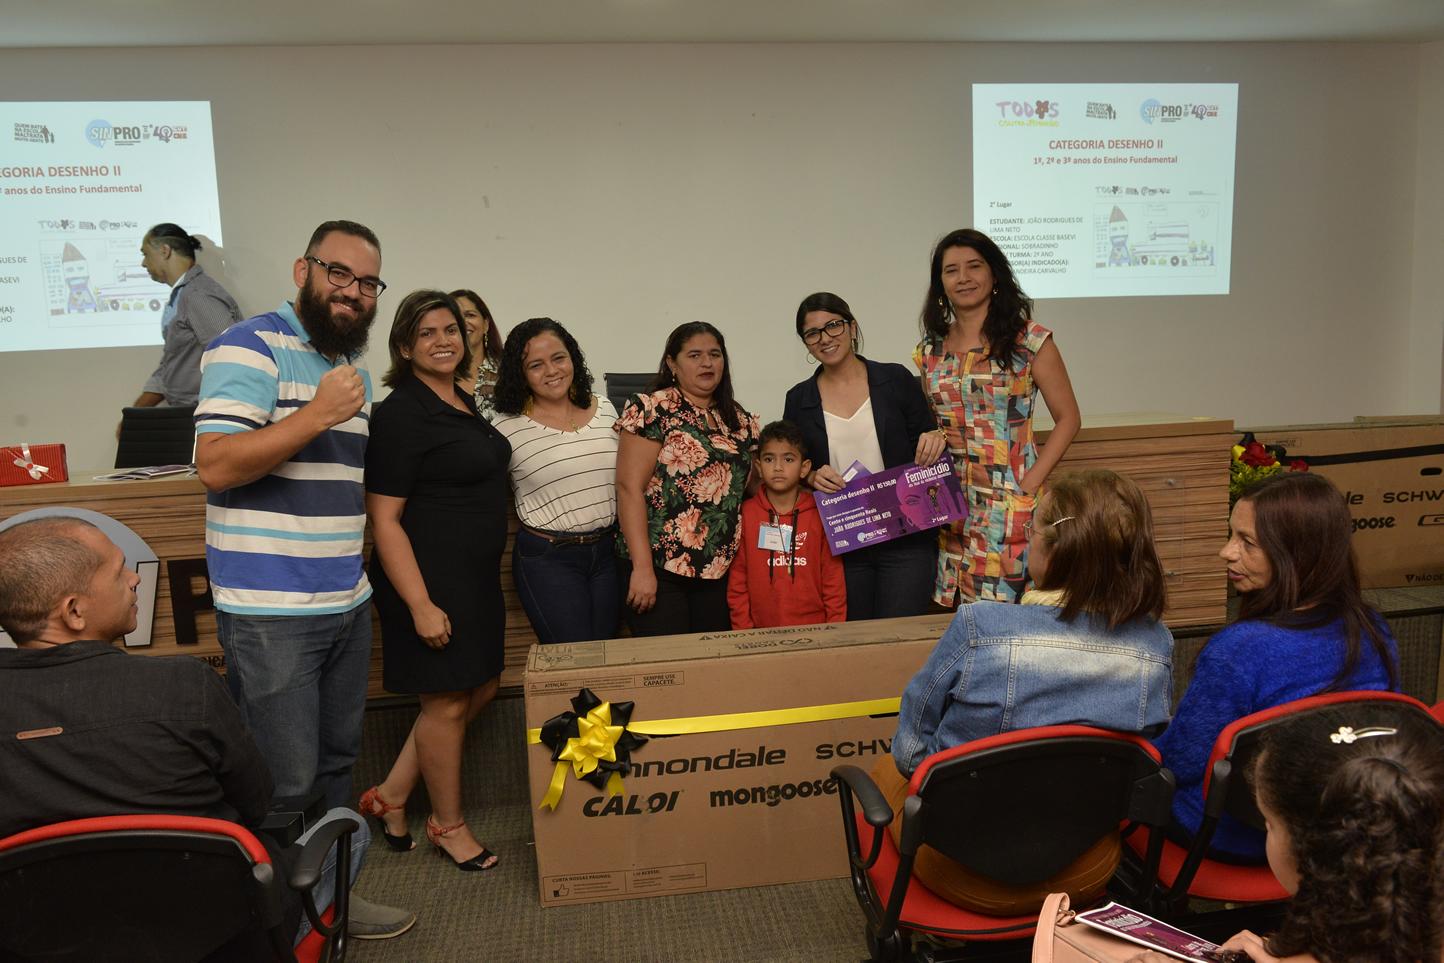 2019.05.16_PREMIACAO-DO-X-CONCURSO-DE-REDACAO_fotos-Deva-Garcia-21